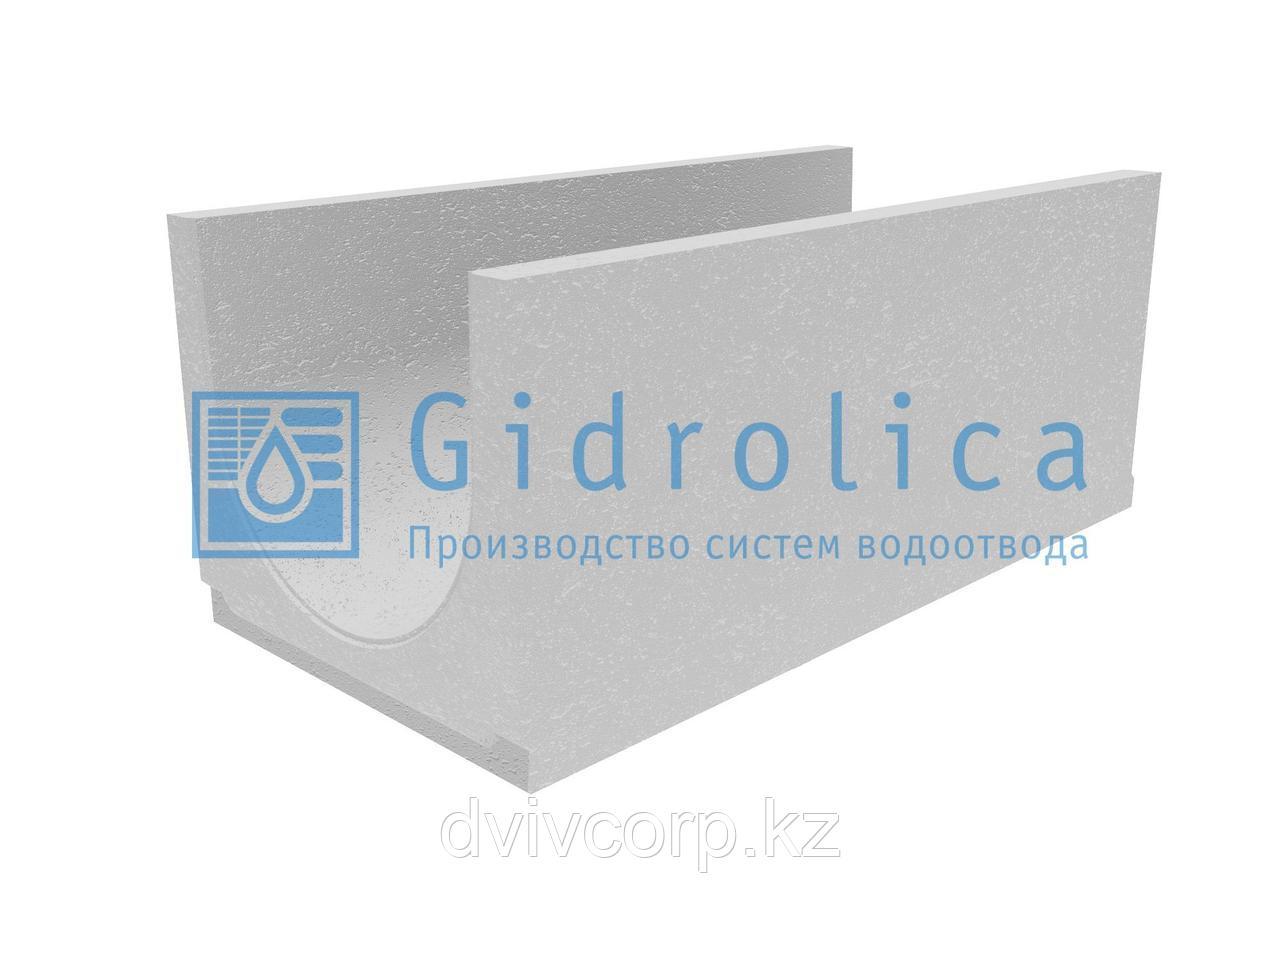 Лоток водоотводный бетонный коробчатый (СО-400мм), с уклоном 0,5%  КUу 100.49,4(40).43(36) - BGU, № 7